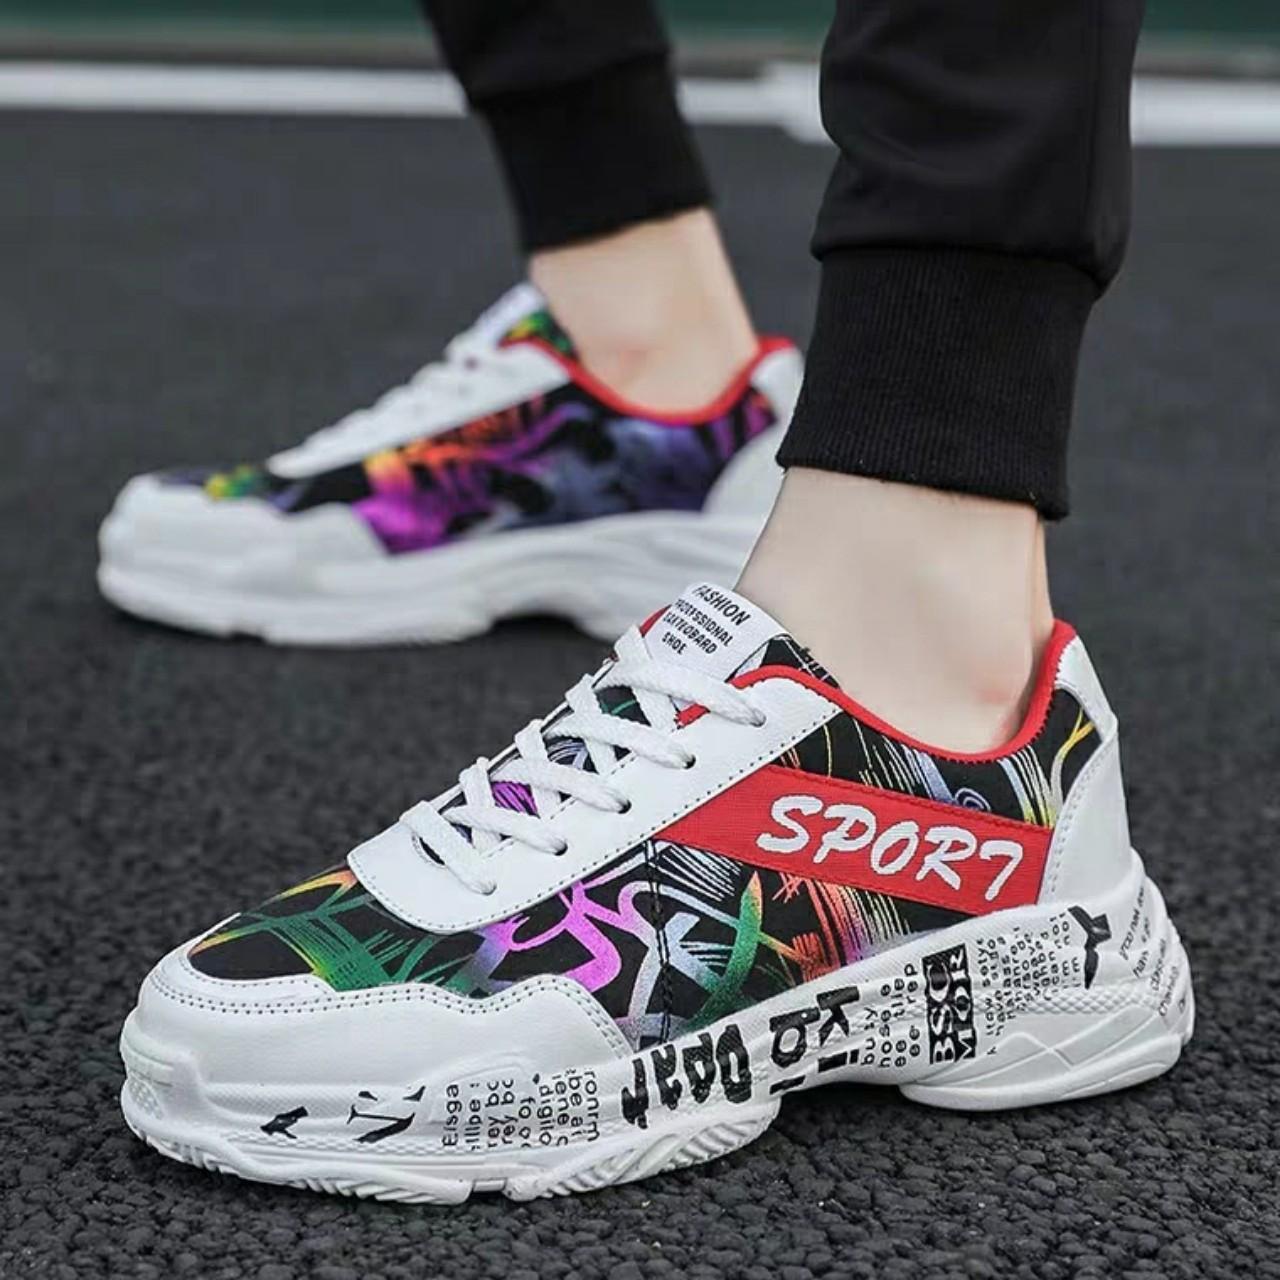 Giày Thể Thao Nam Phối Màu Restro Mới Nhất 2019 Đang Trong Dịp Khuyến Mãi